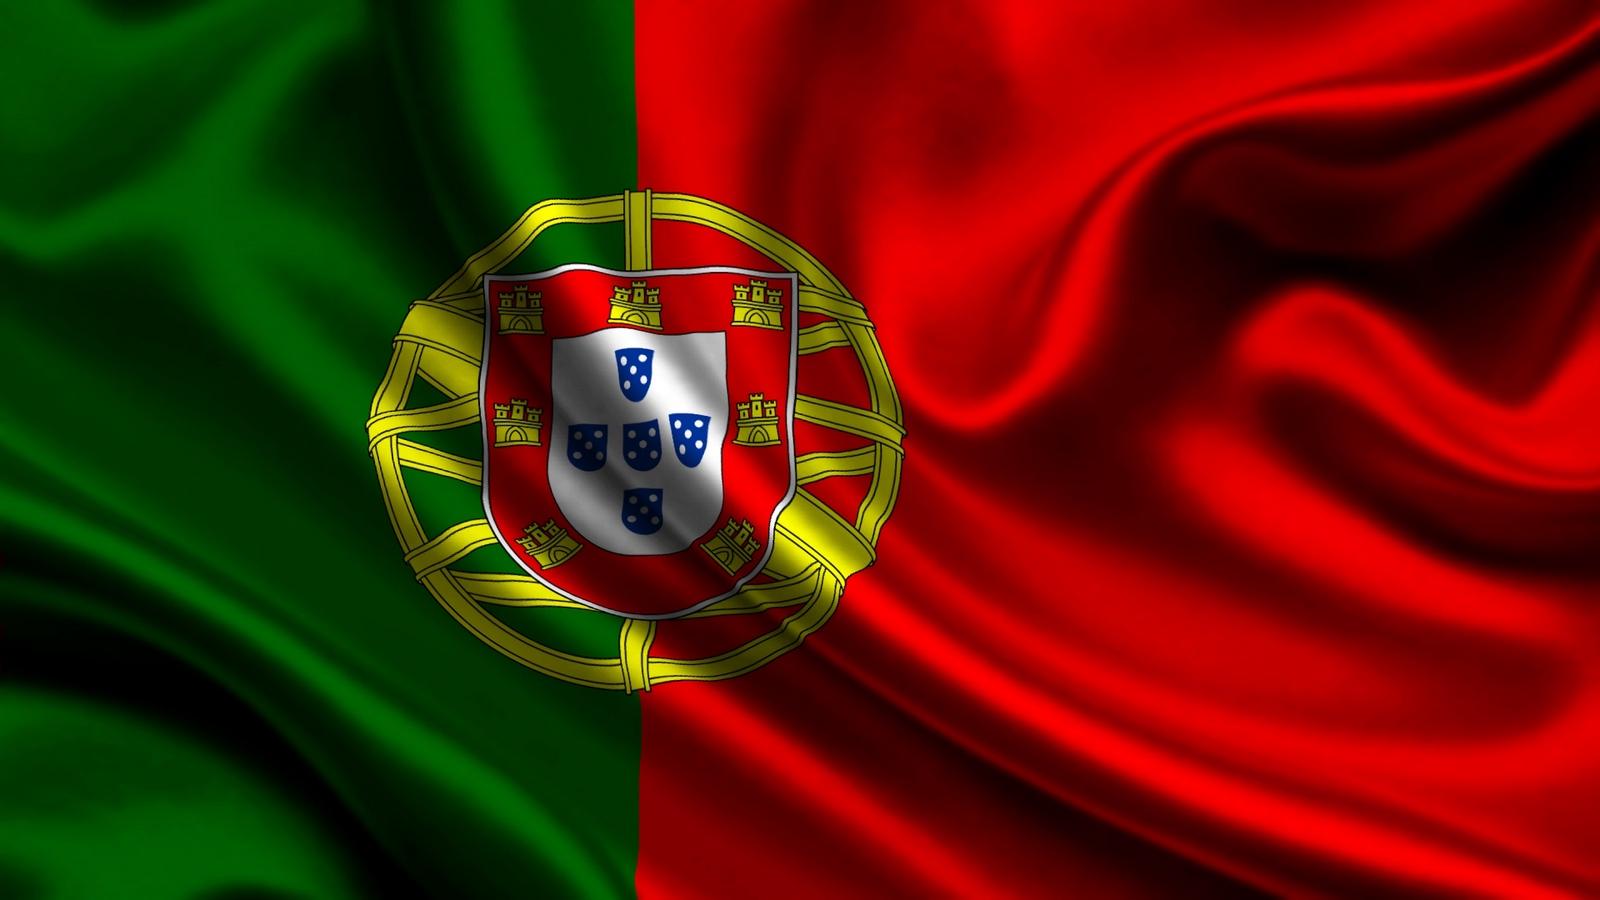 В Португалии создадут «свободные зоны» для новых технологий